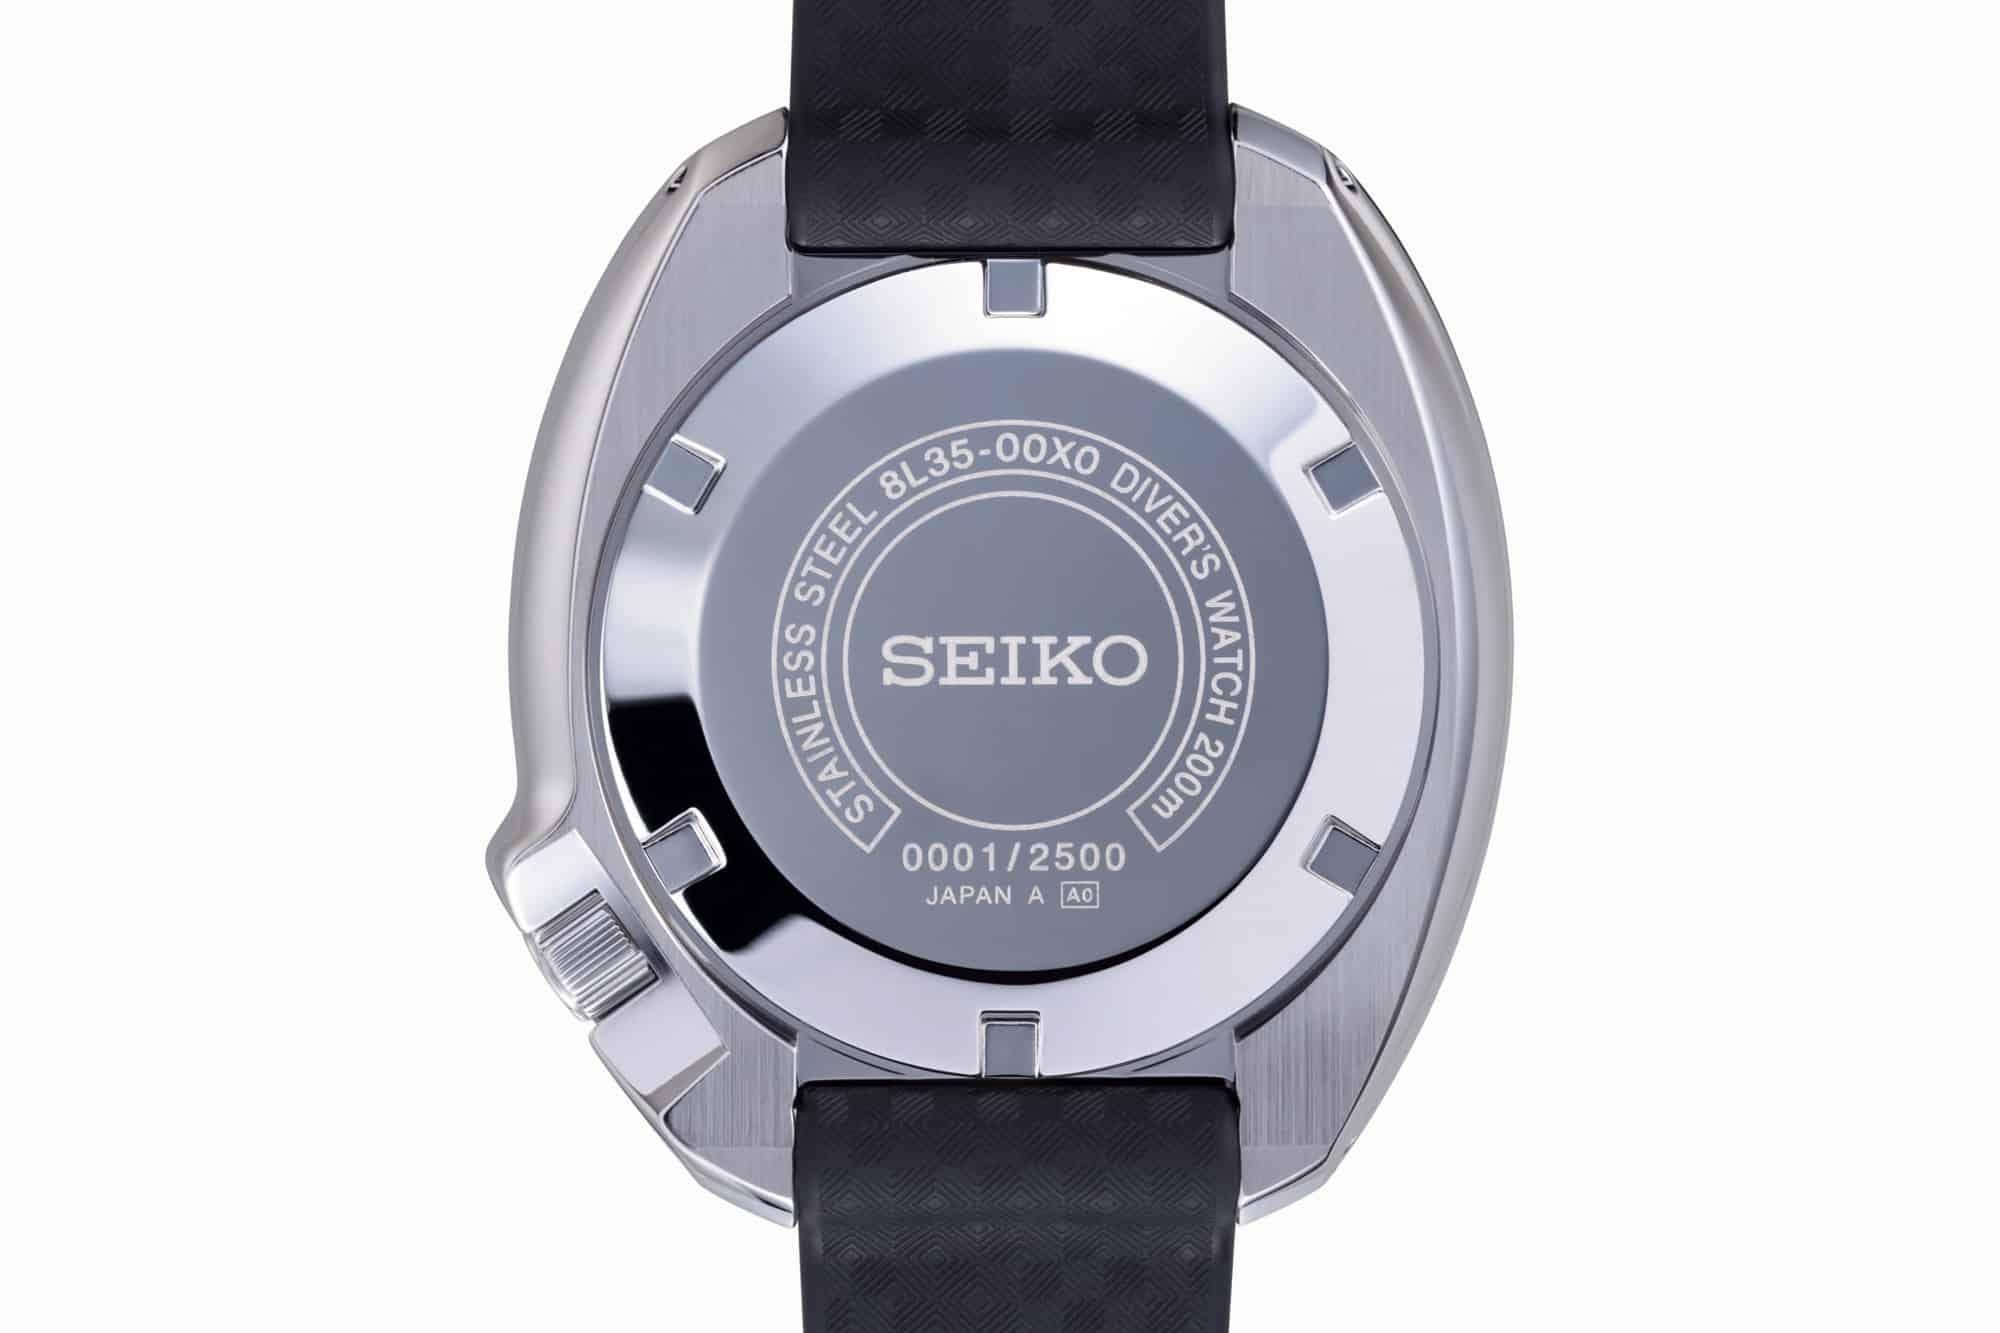 Seiko Prospex SLA033, SLA033, Seiko SLA033